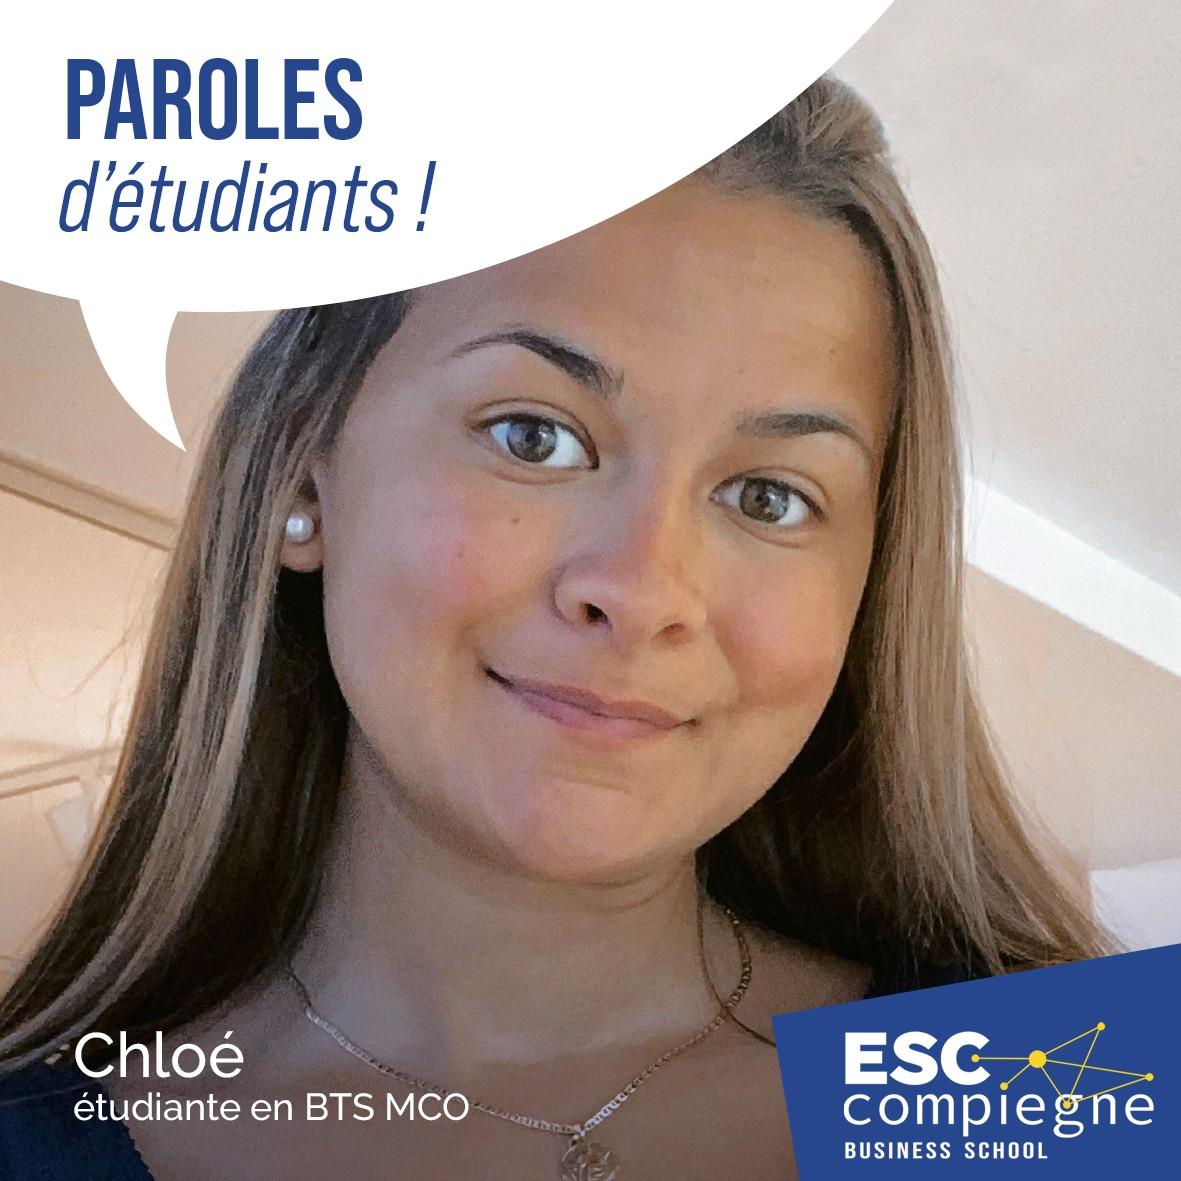 ESCC-Temoignage-Chloe